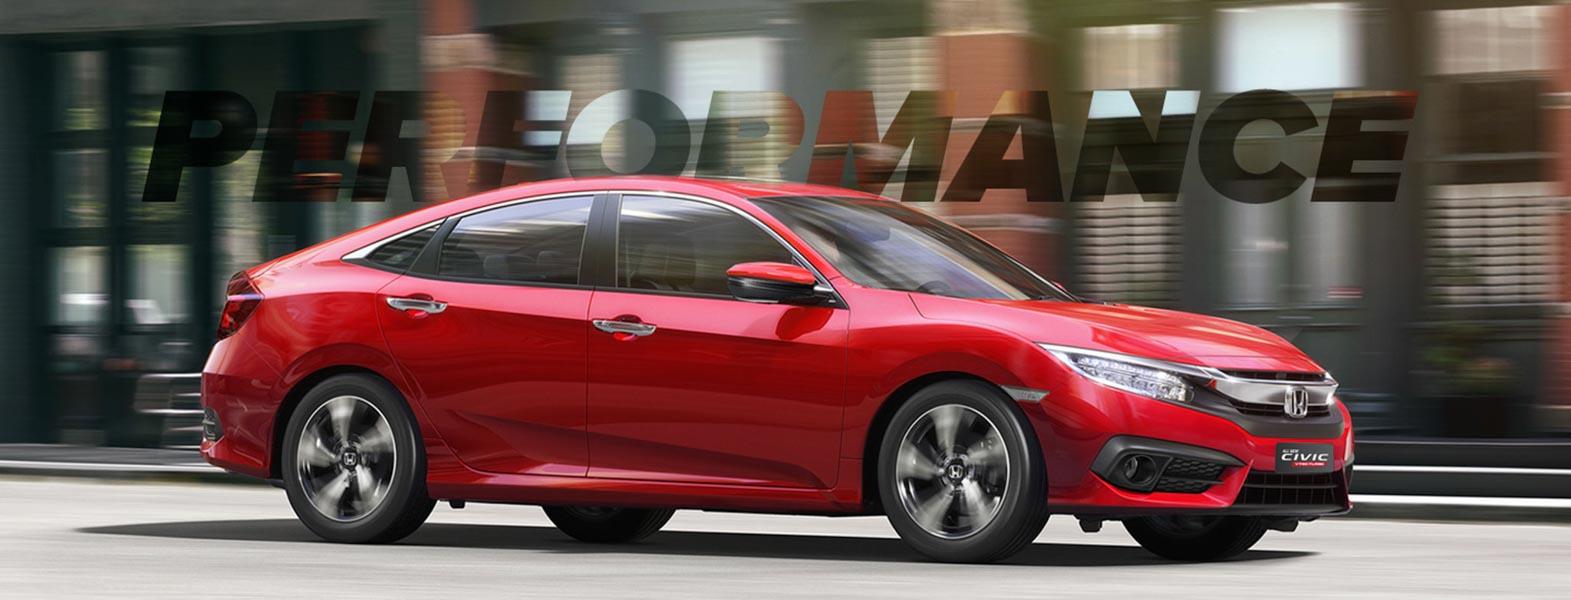 Honda Civic gây bất ngờ với doanh số bán ra trong tháng 05/2018 vừa qua - 5